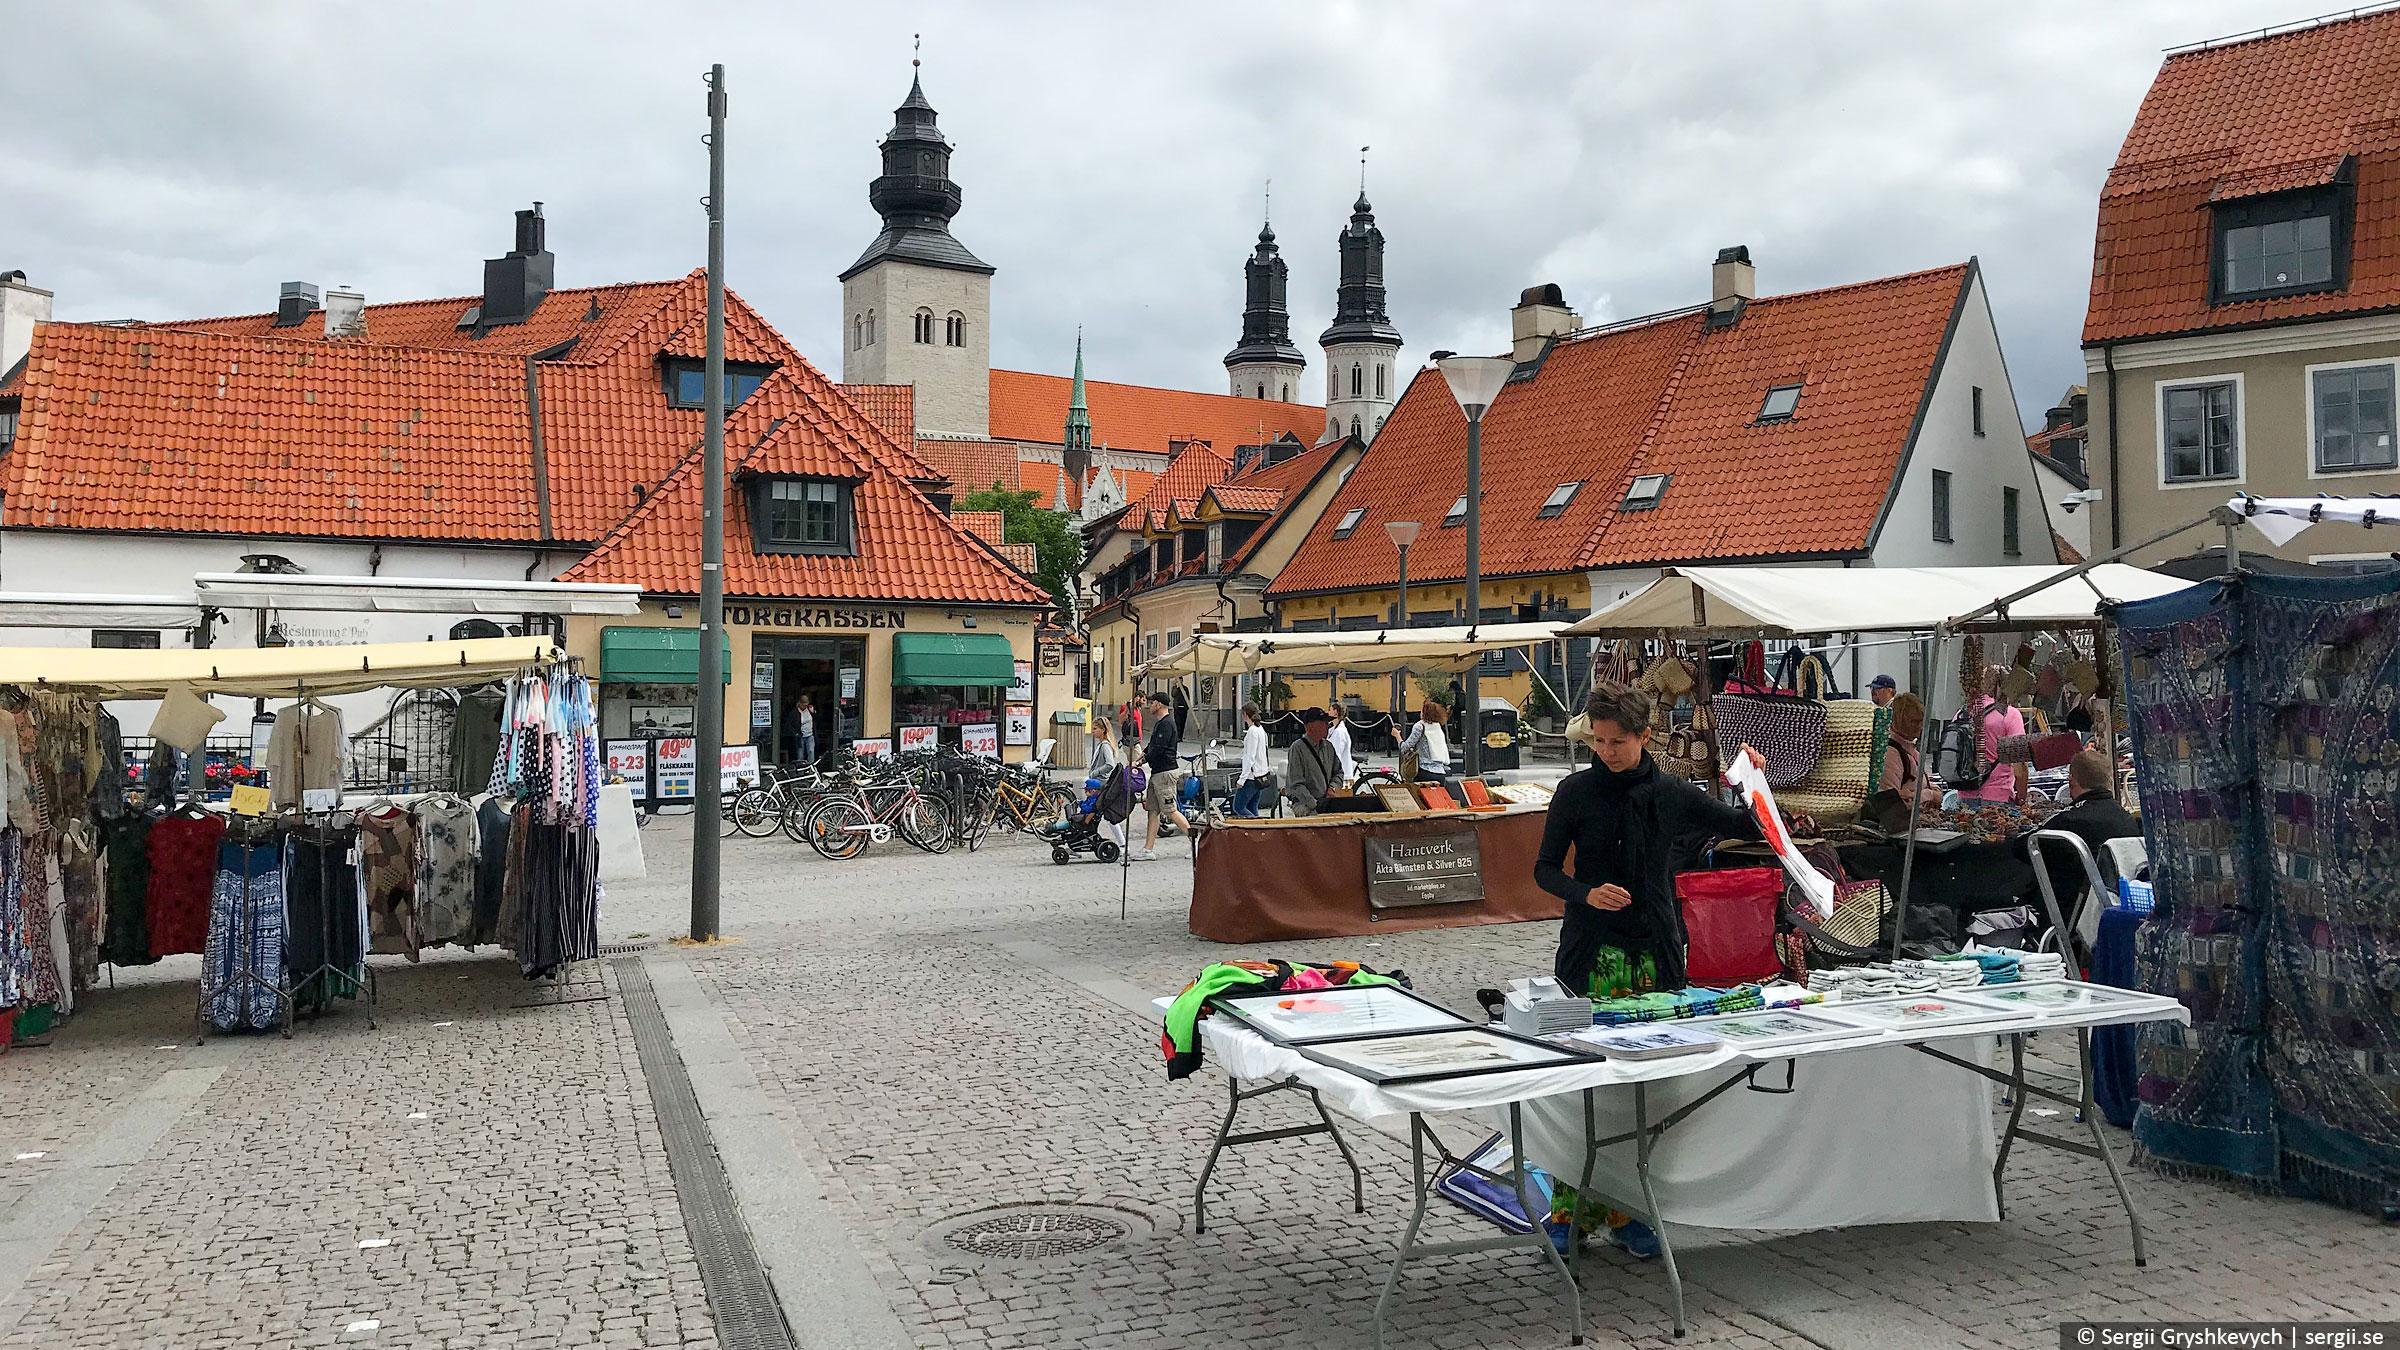 gotland-visby-sweden-2018-12